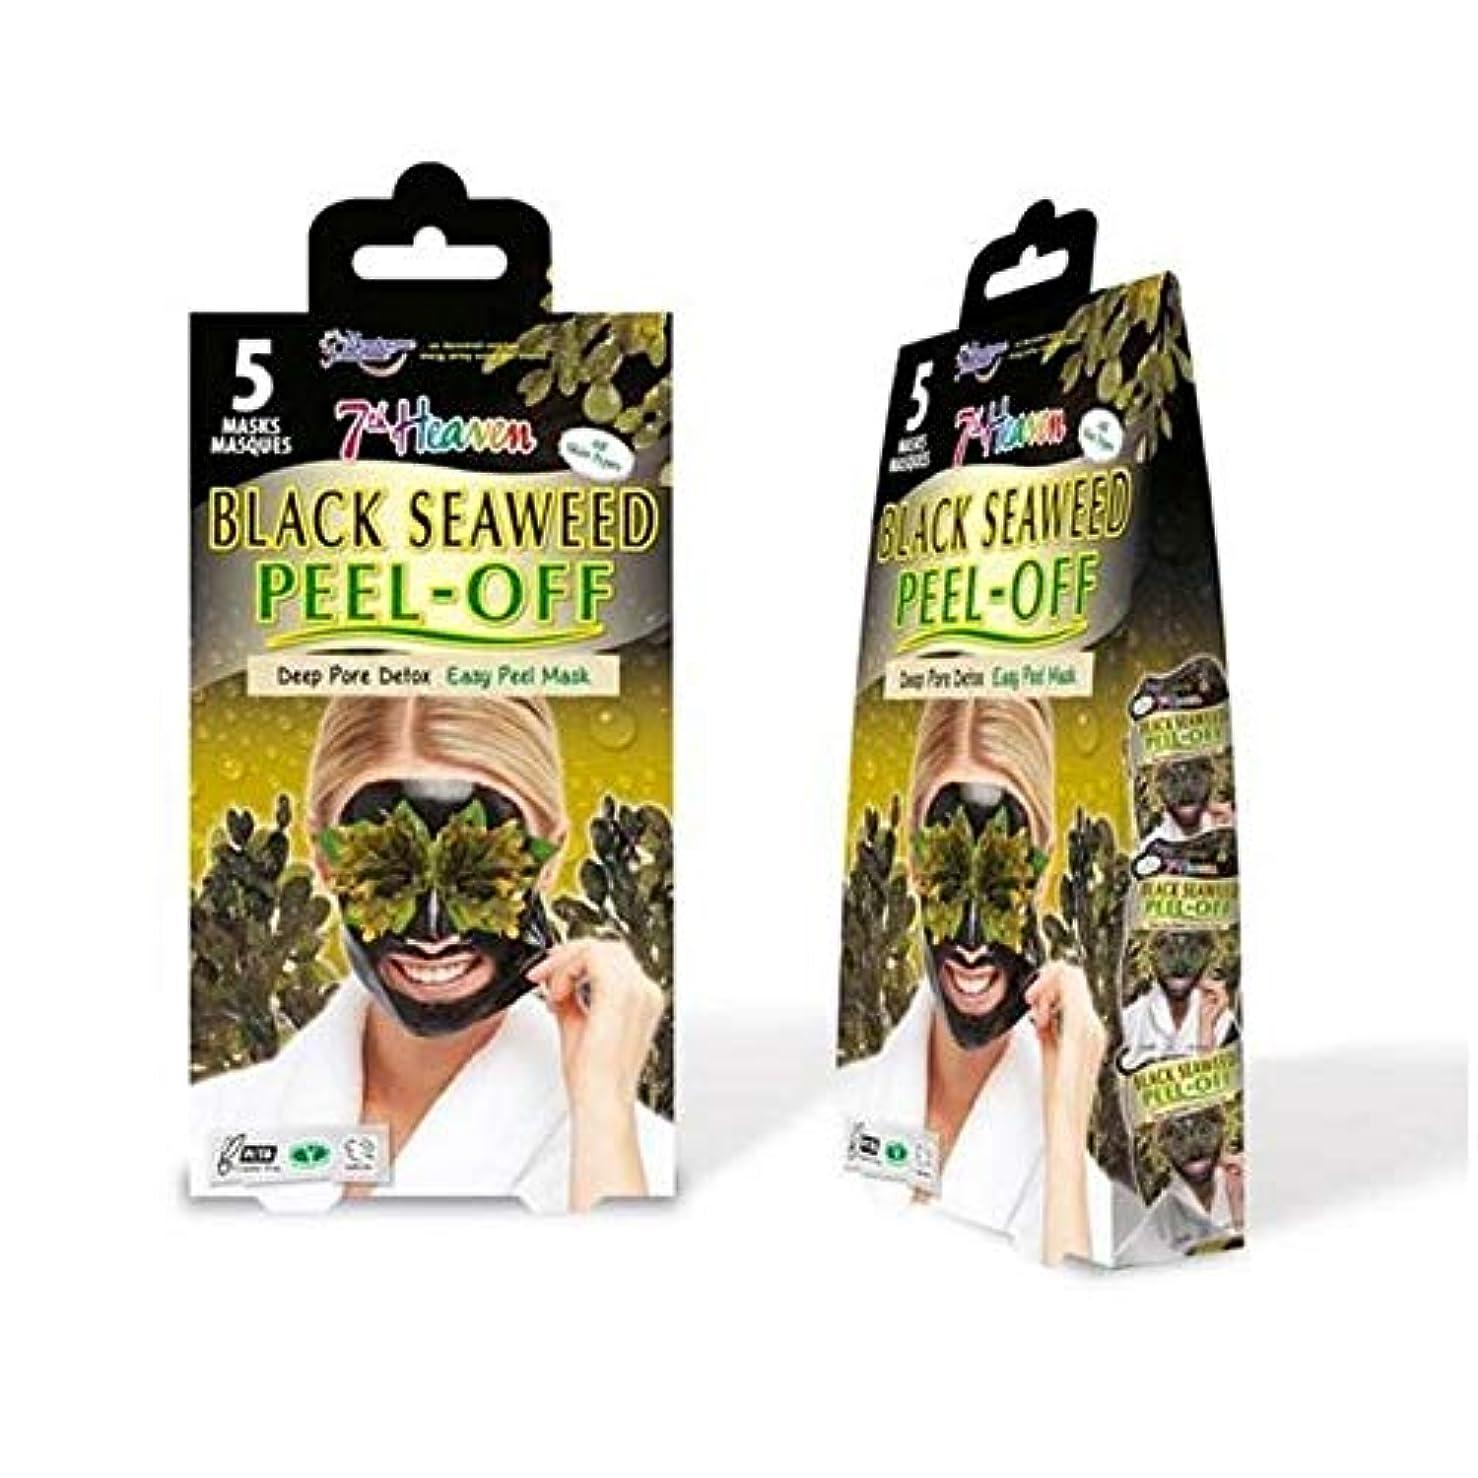 適応するブラジャー寸前[Montagne Jeunesse] モンターニュジュネス第七天国黒海藻マスクマルチパックをはがし - Montagne Jeunesse 7th Heaven Black Seaweed Peel Off Mask...